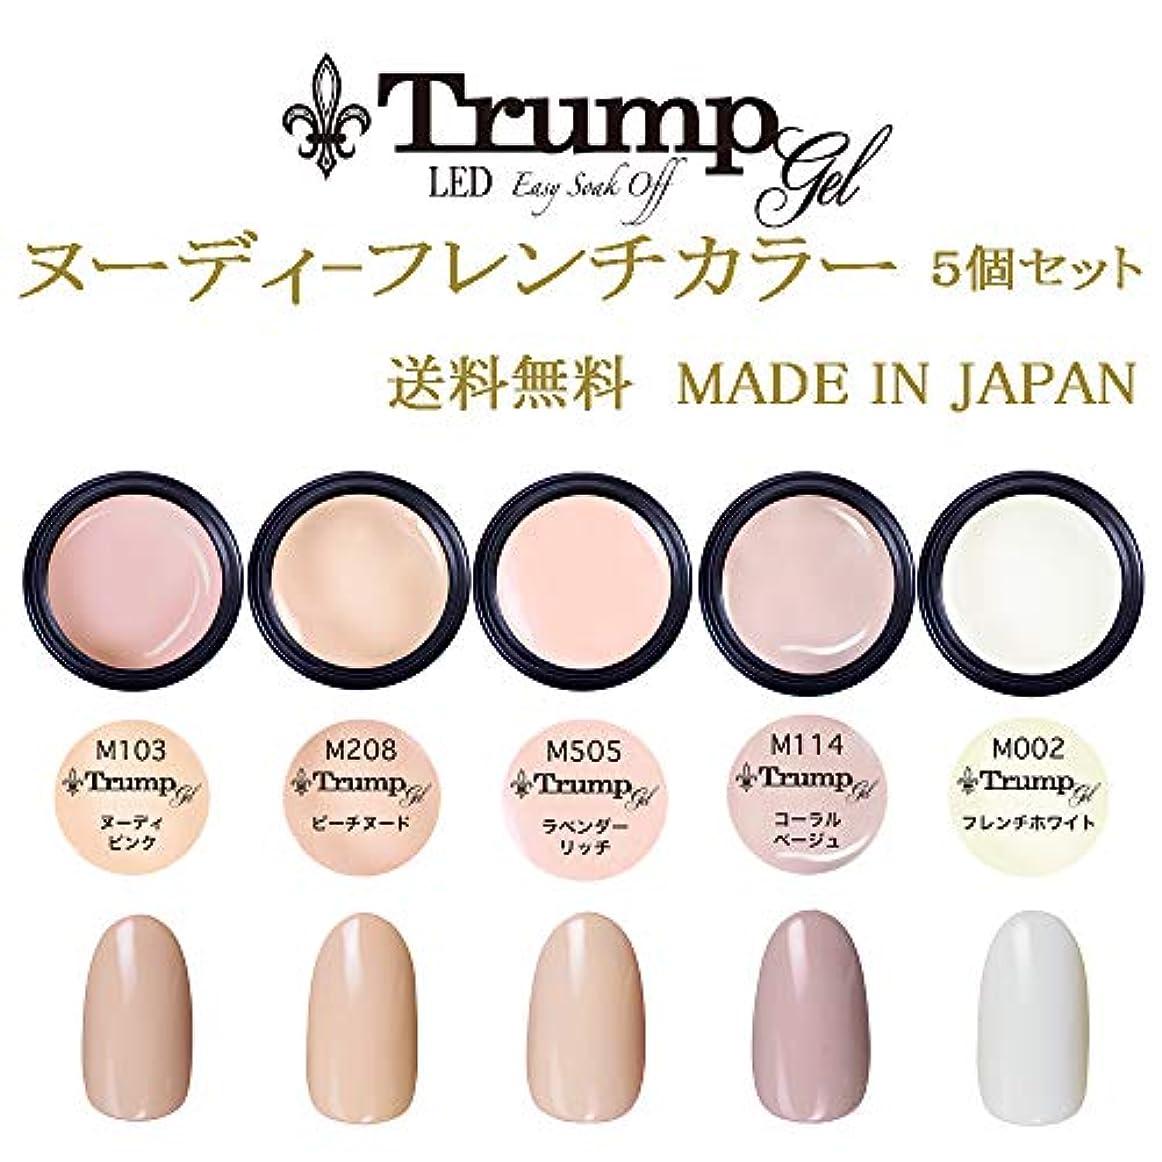 恐ろしいですきょうだい線【送料無料】日本製 Trump gel トランプジェルヌーディフレンチカラージェル 5個セット 肌馴染みの良い ヌーデイフレンチカラージェルセット